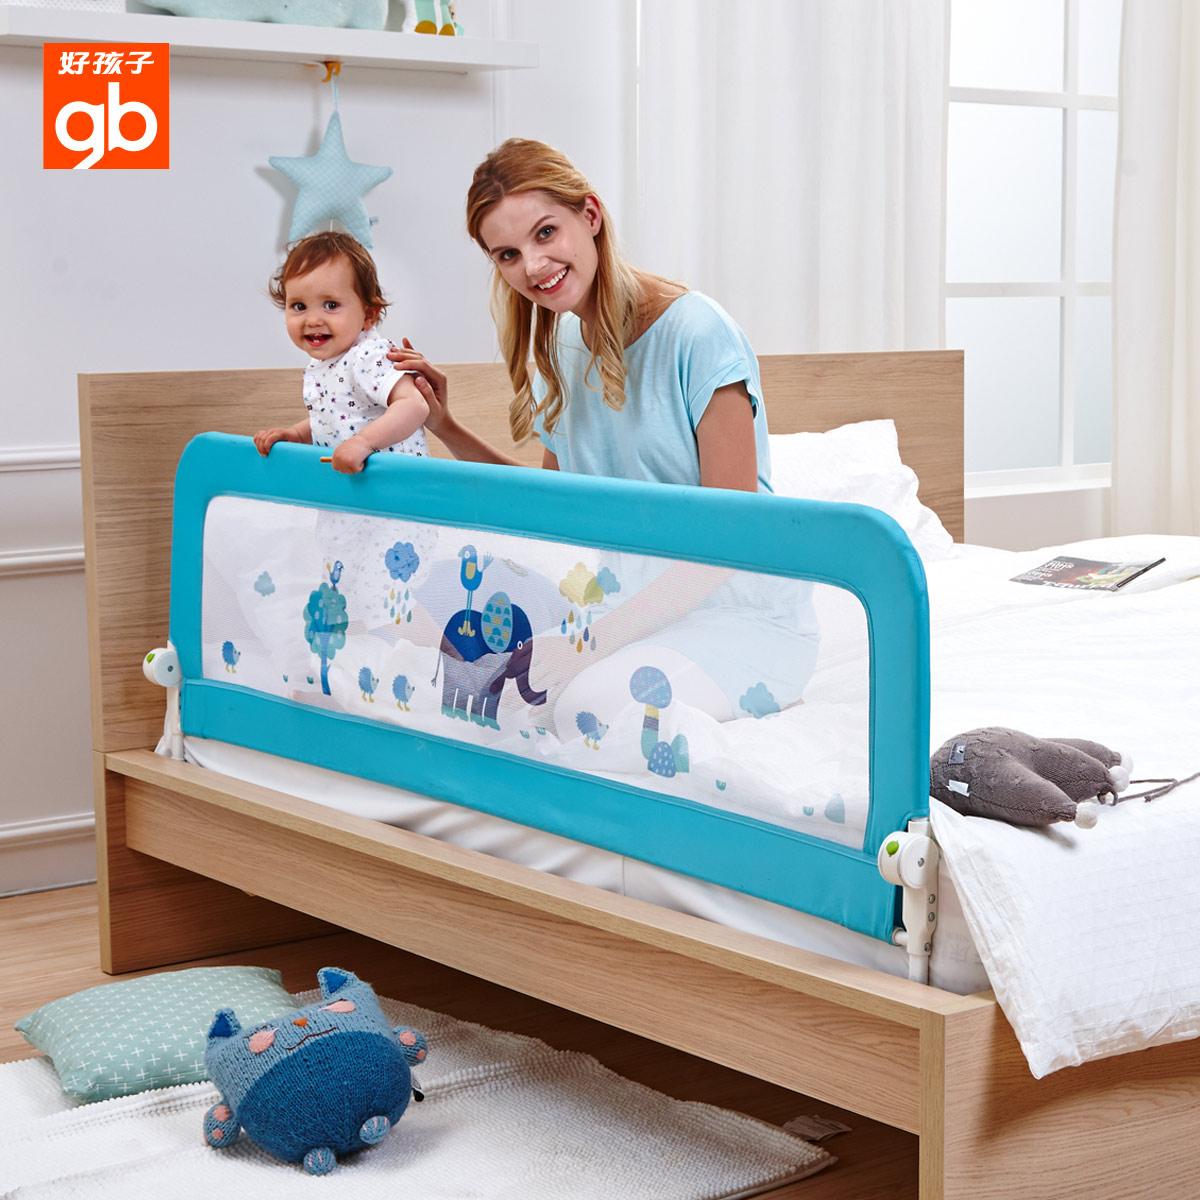 良い子ベッドガードレールベッド赤ちゃん赤ちゃんガードレールフェンス児童ベッド赤ちゃん寝具船首止め金